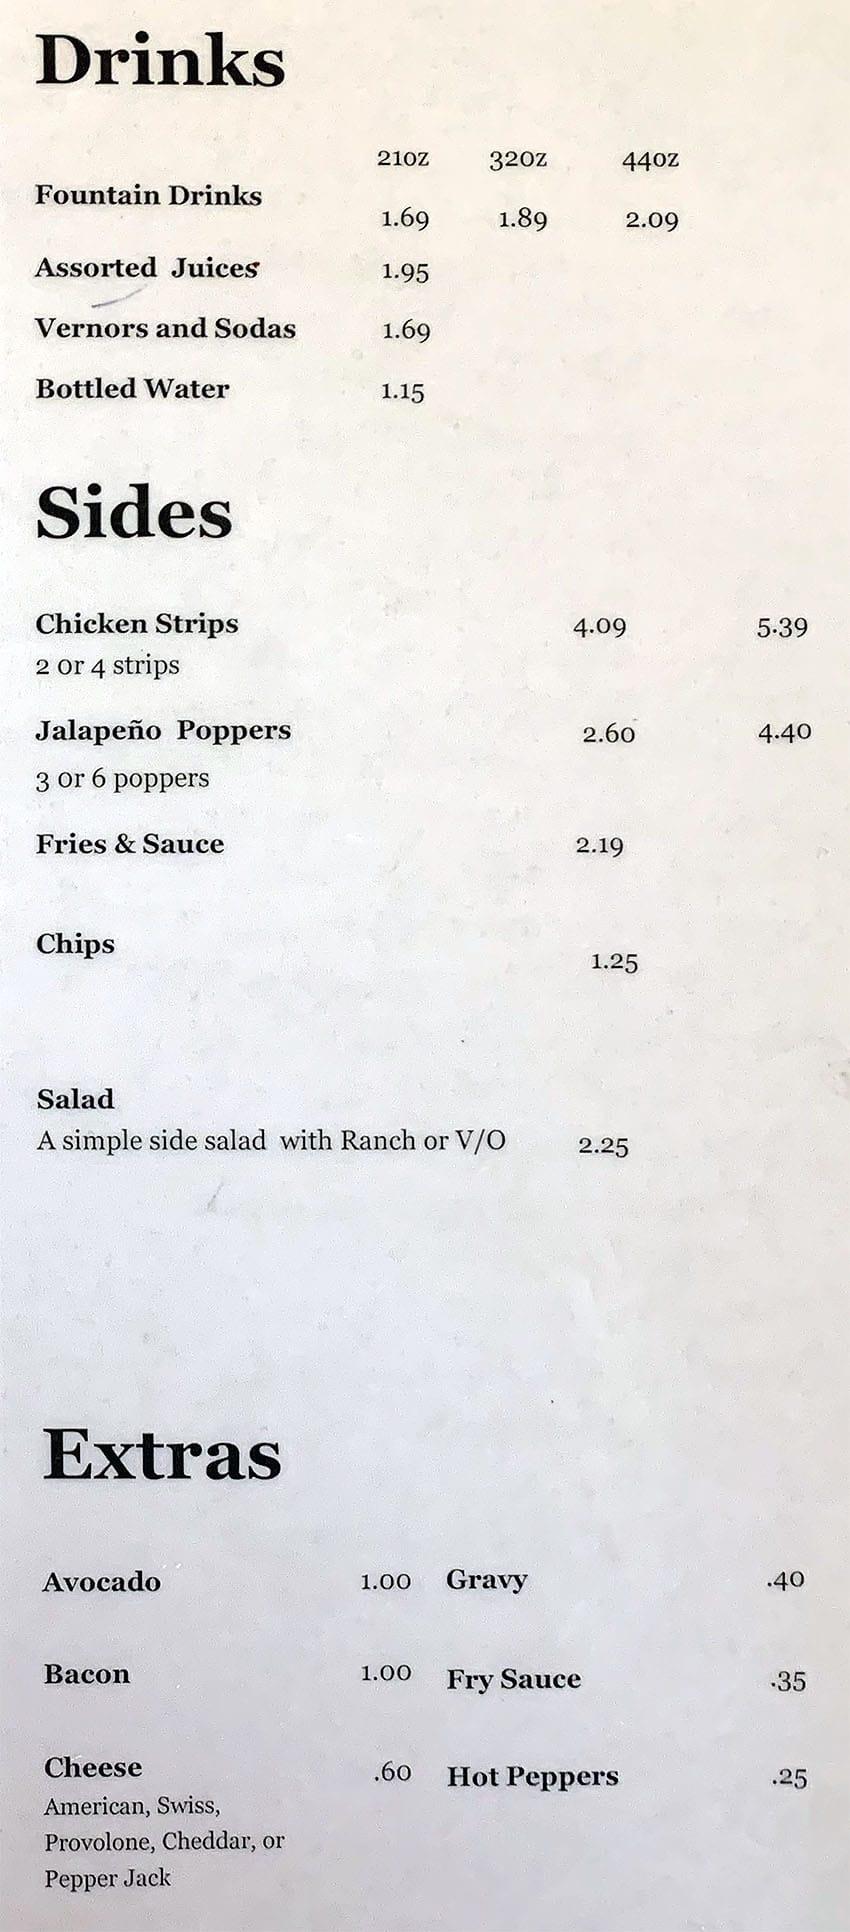 Grinders 13 menu - drinks, sides, extras